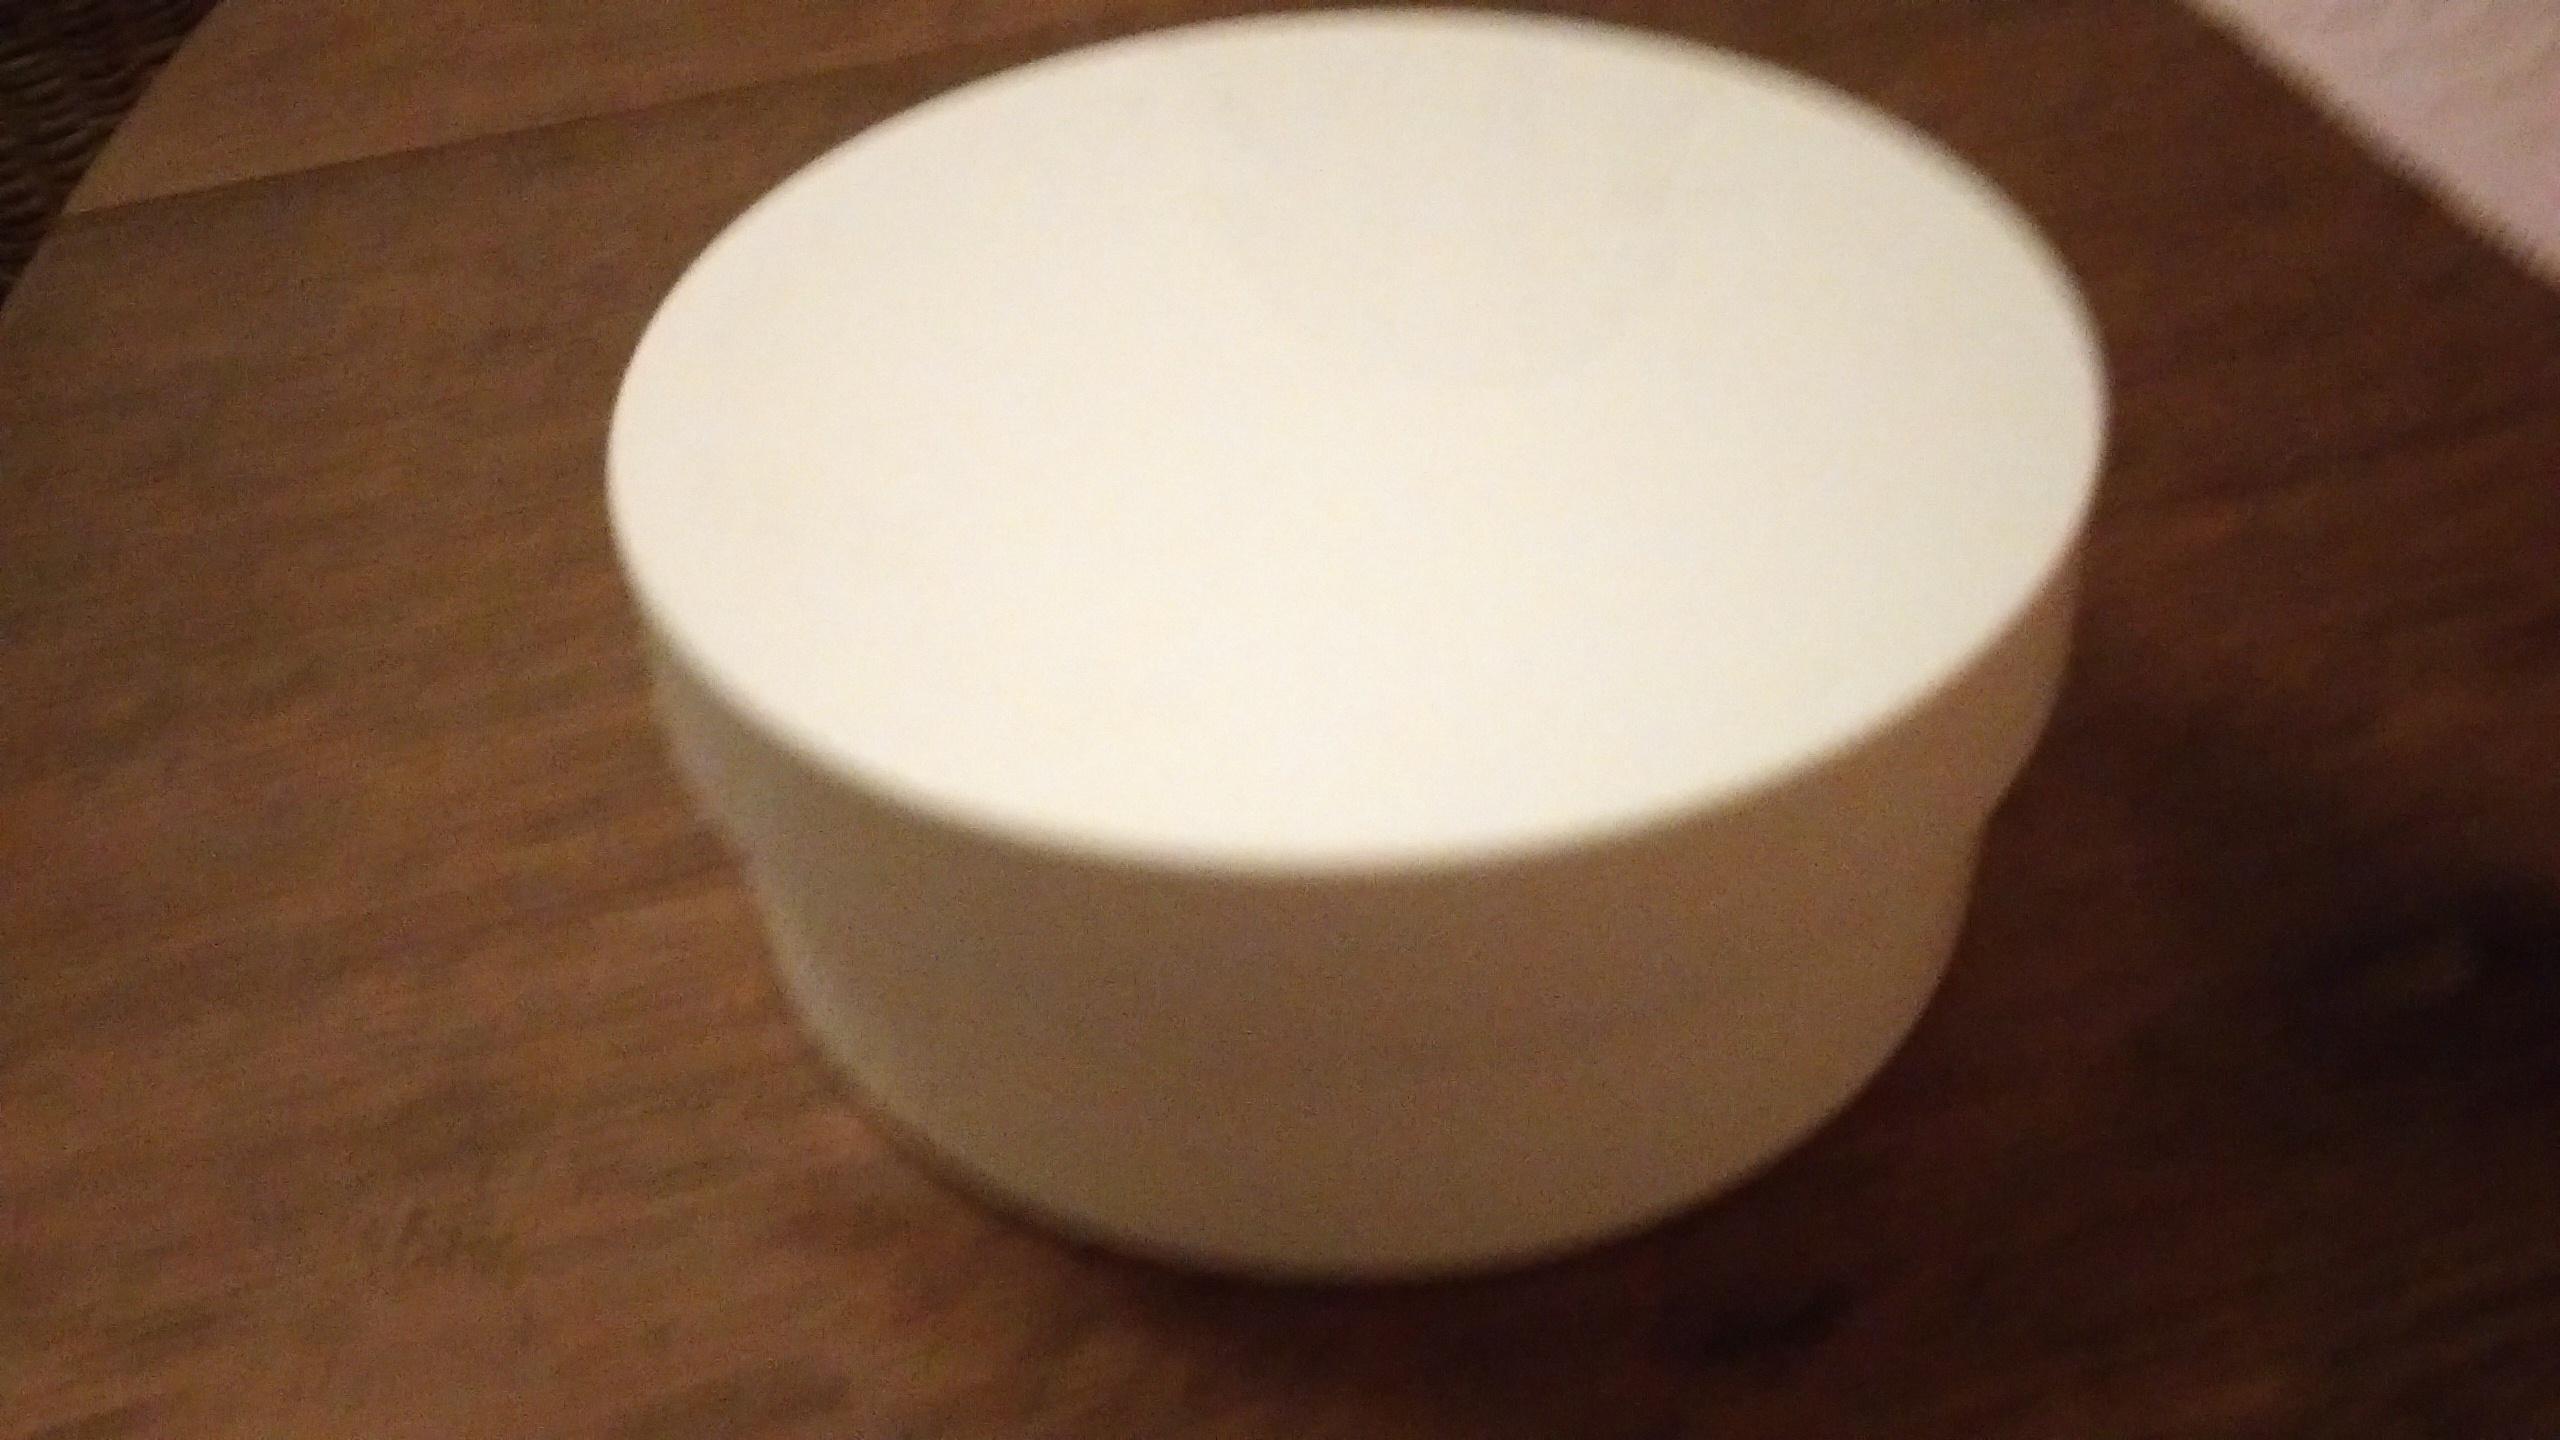 troc de troc boîte vide pour cosmétiques. image 0